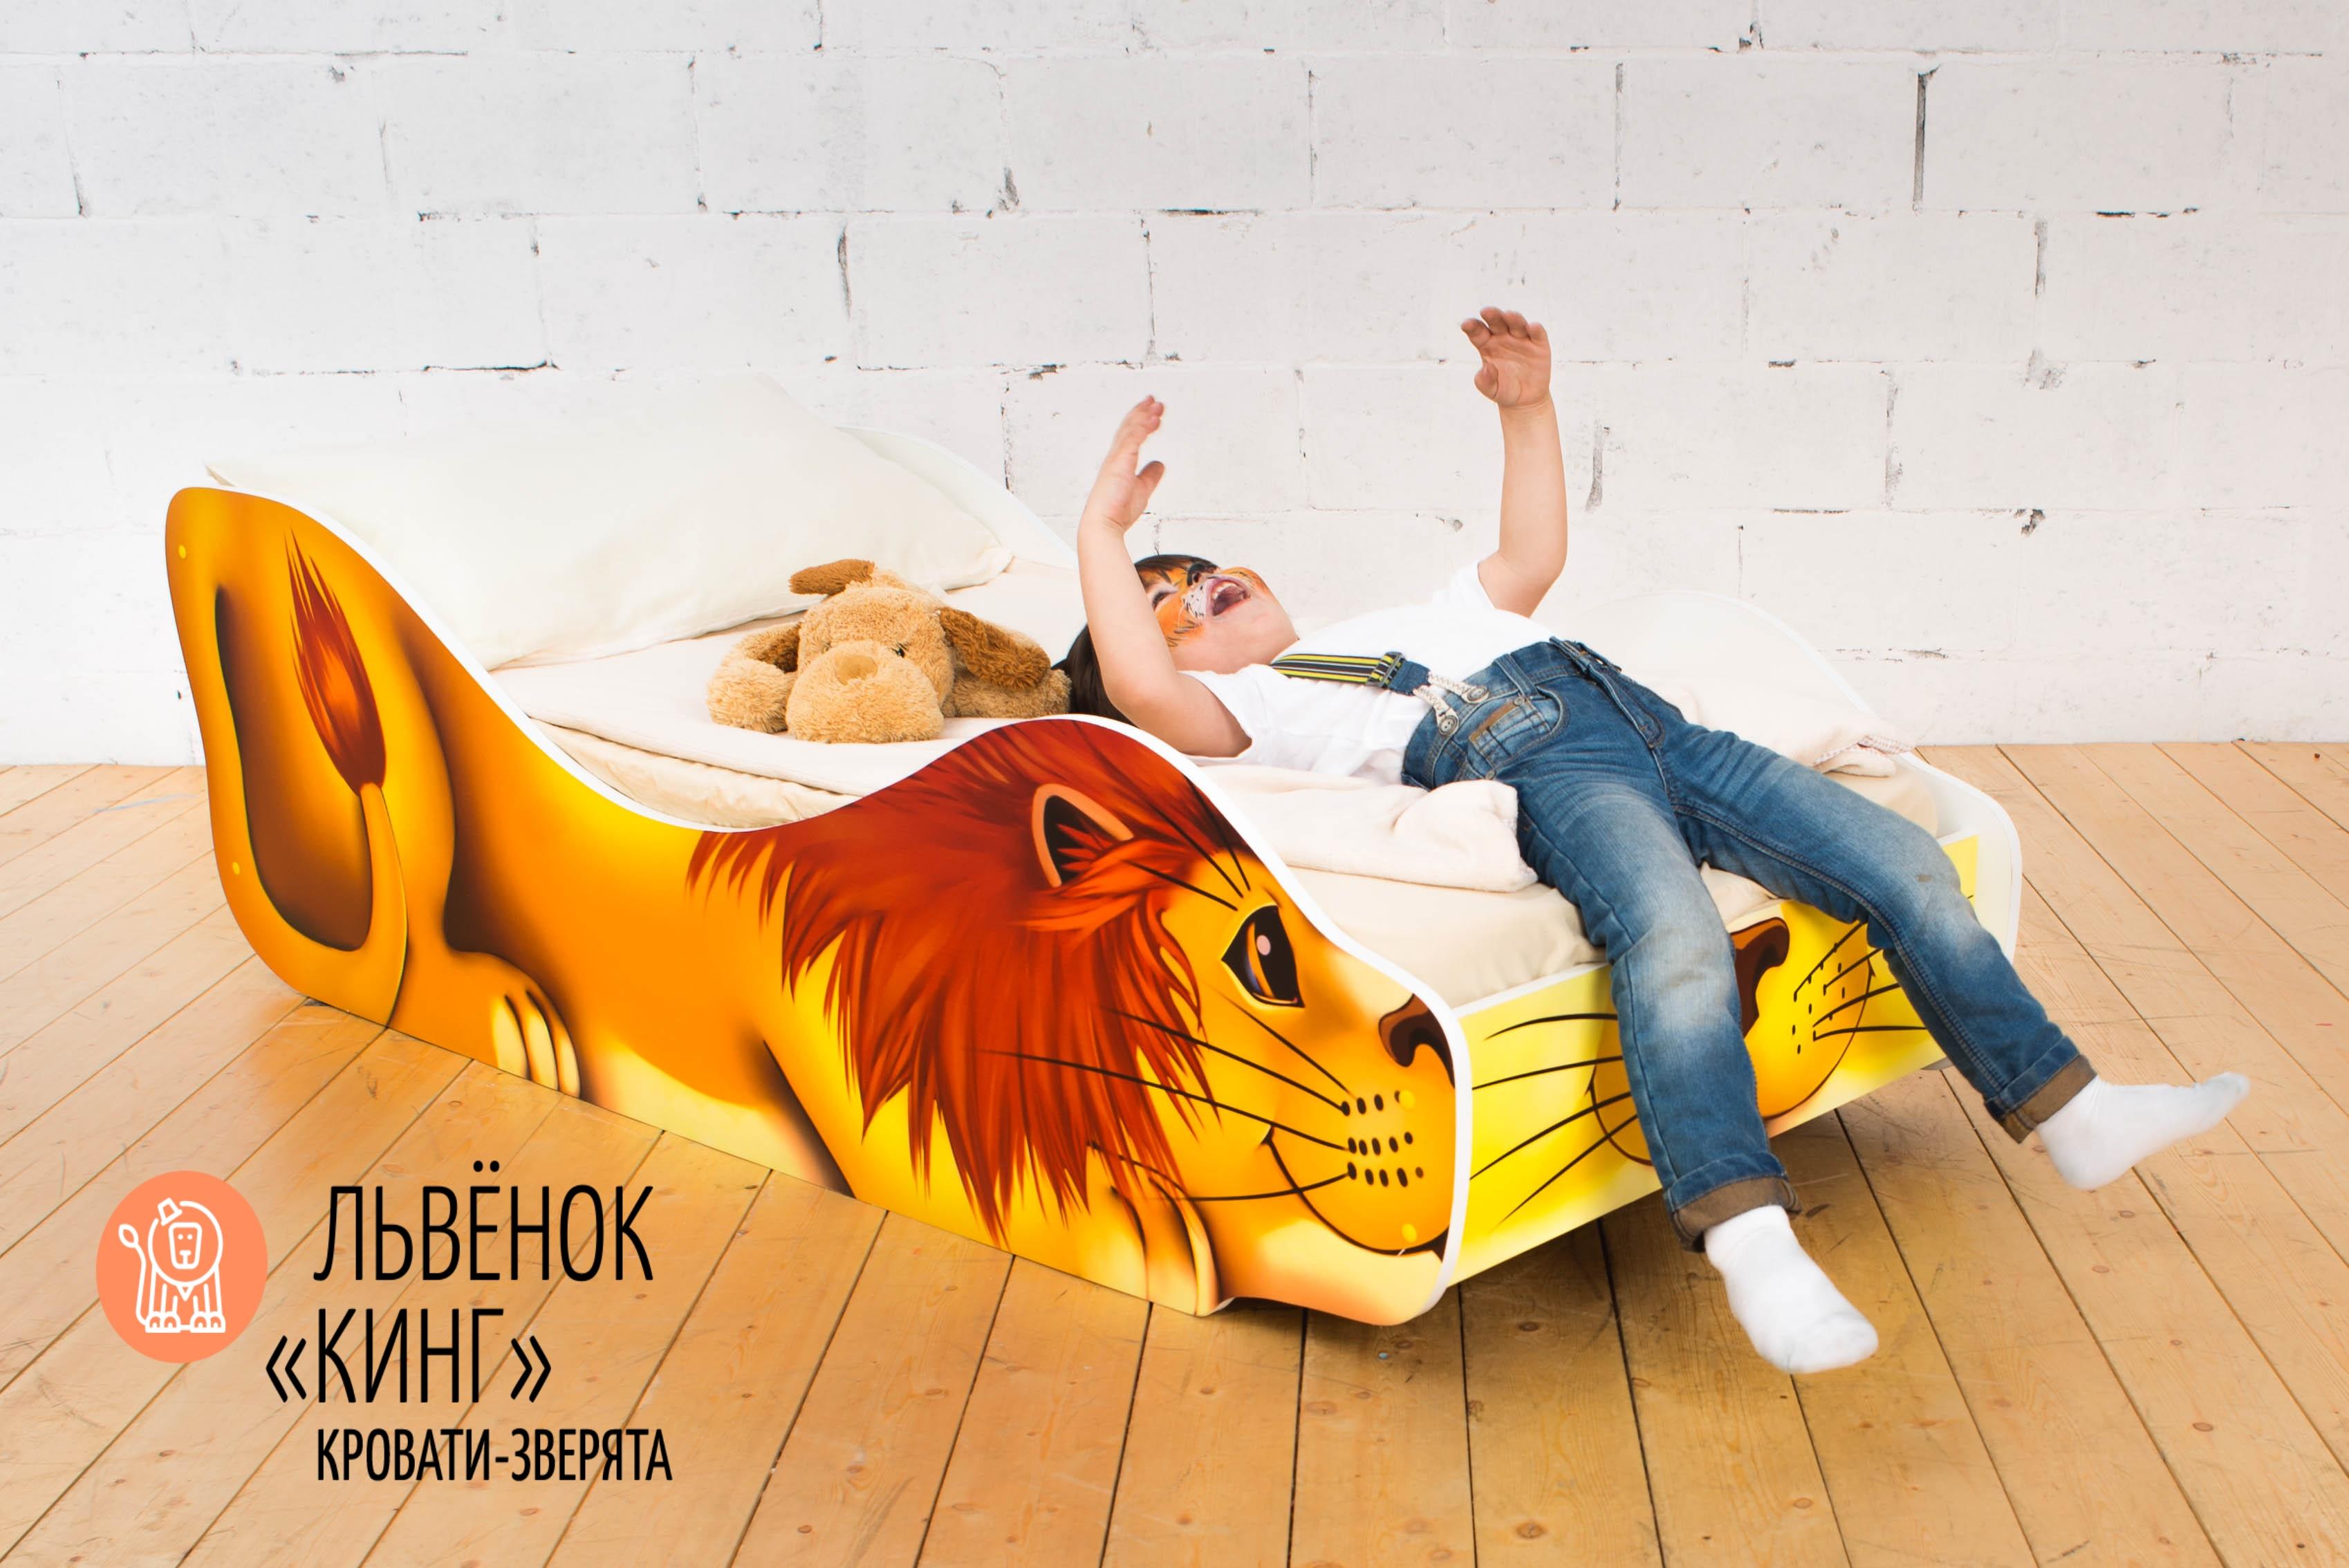 Детская кровать-зверенок -Лев-Кинг-1